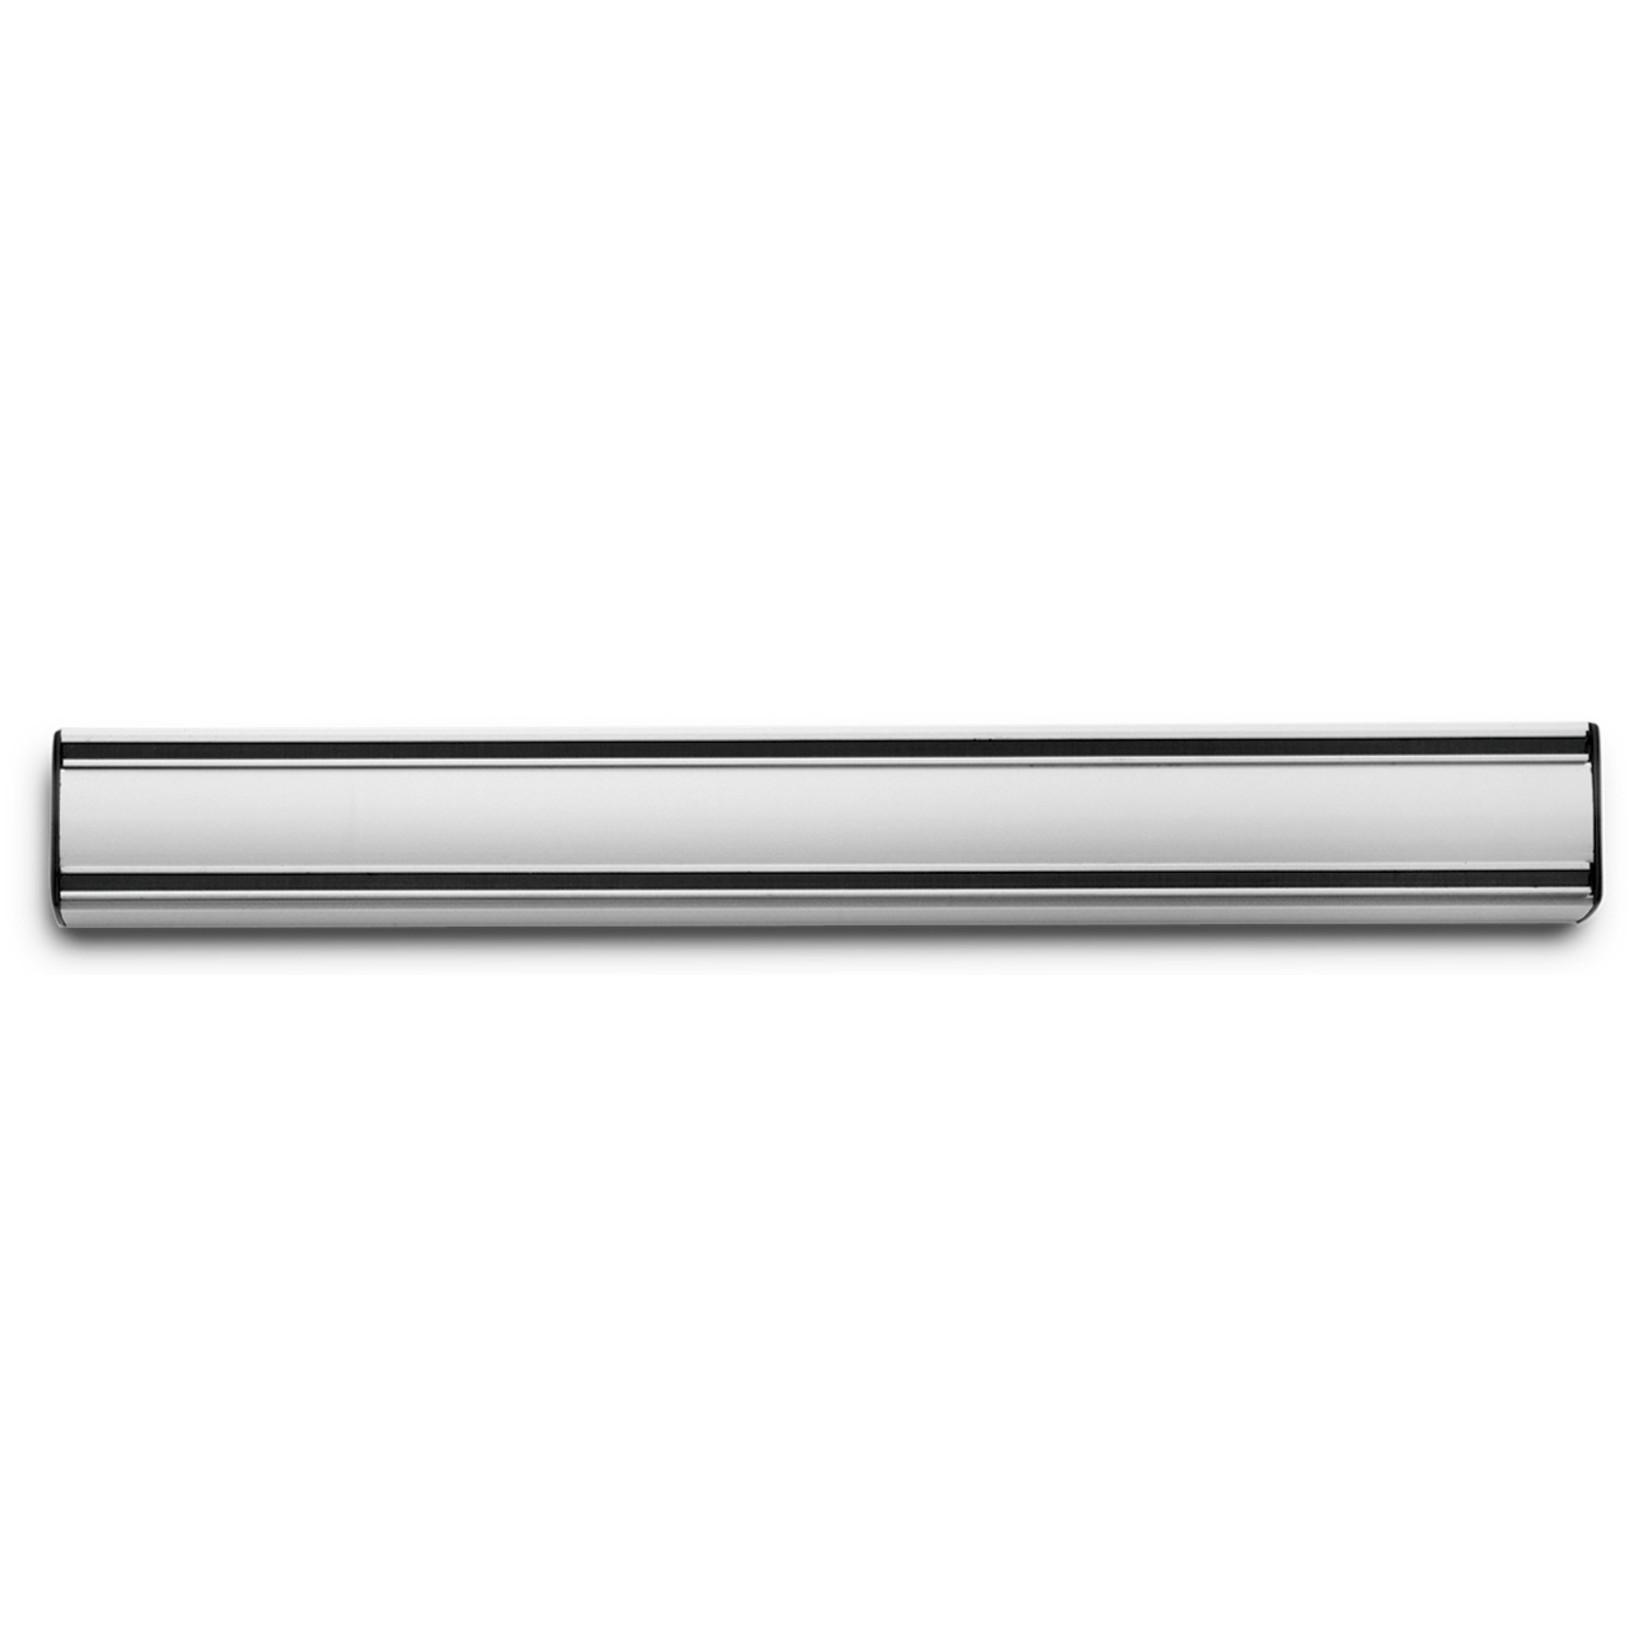 Wusthof Wusthof magneetstrip 35cm aluminium